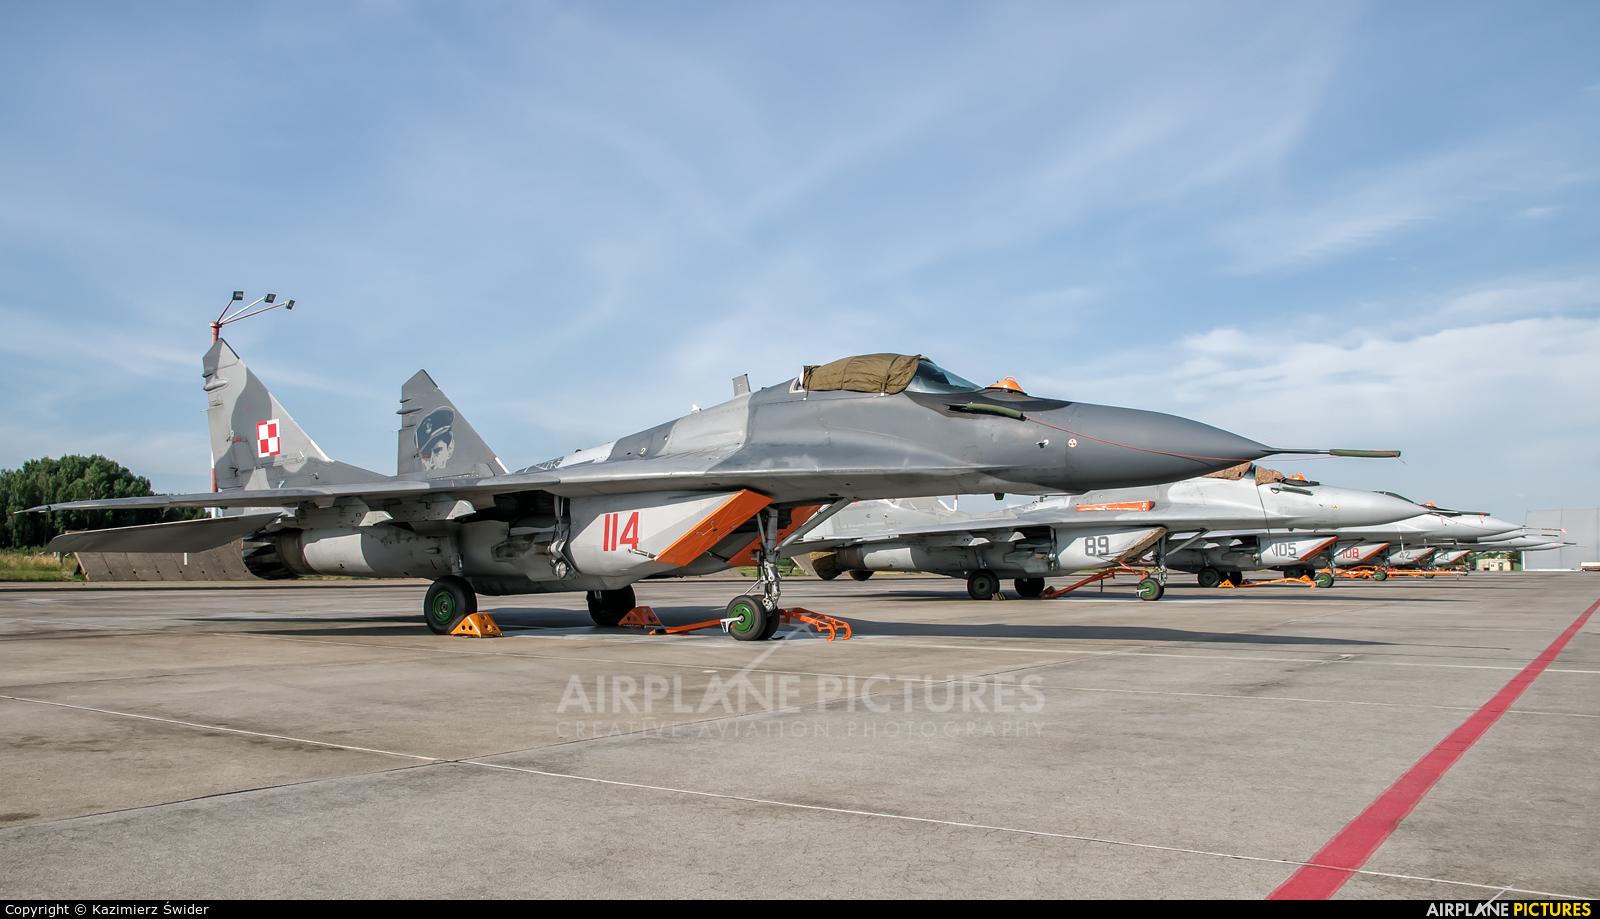 Poland - Air Force 114 aircraft at Malbork